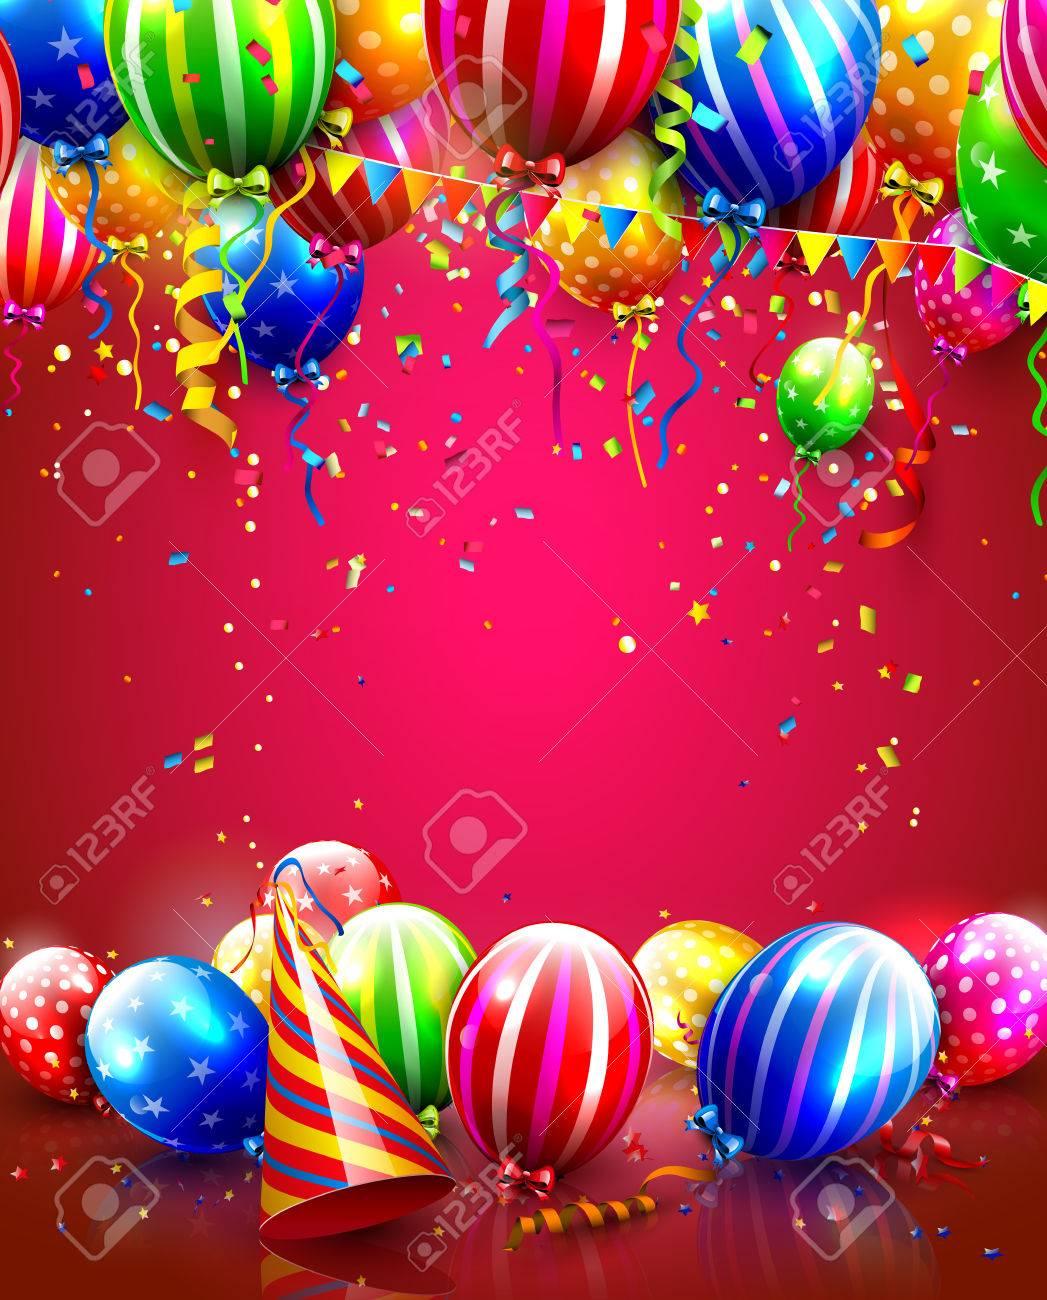 cartel de cumpleaos con globos de colores confeti y sombrero de fiesta foto de archivo